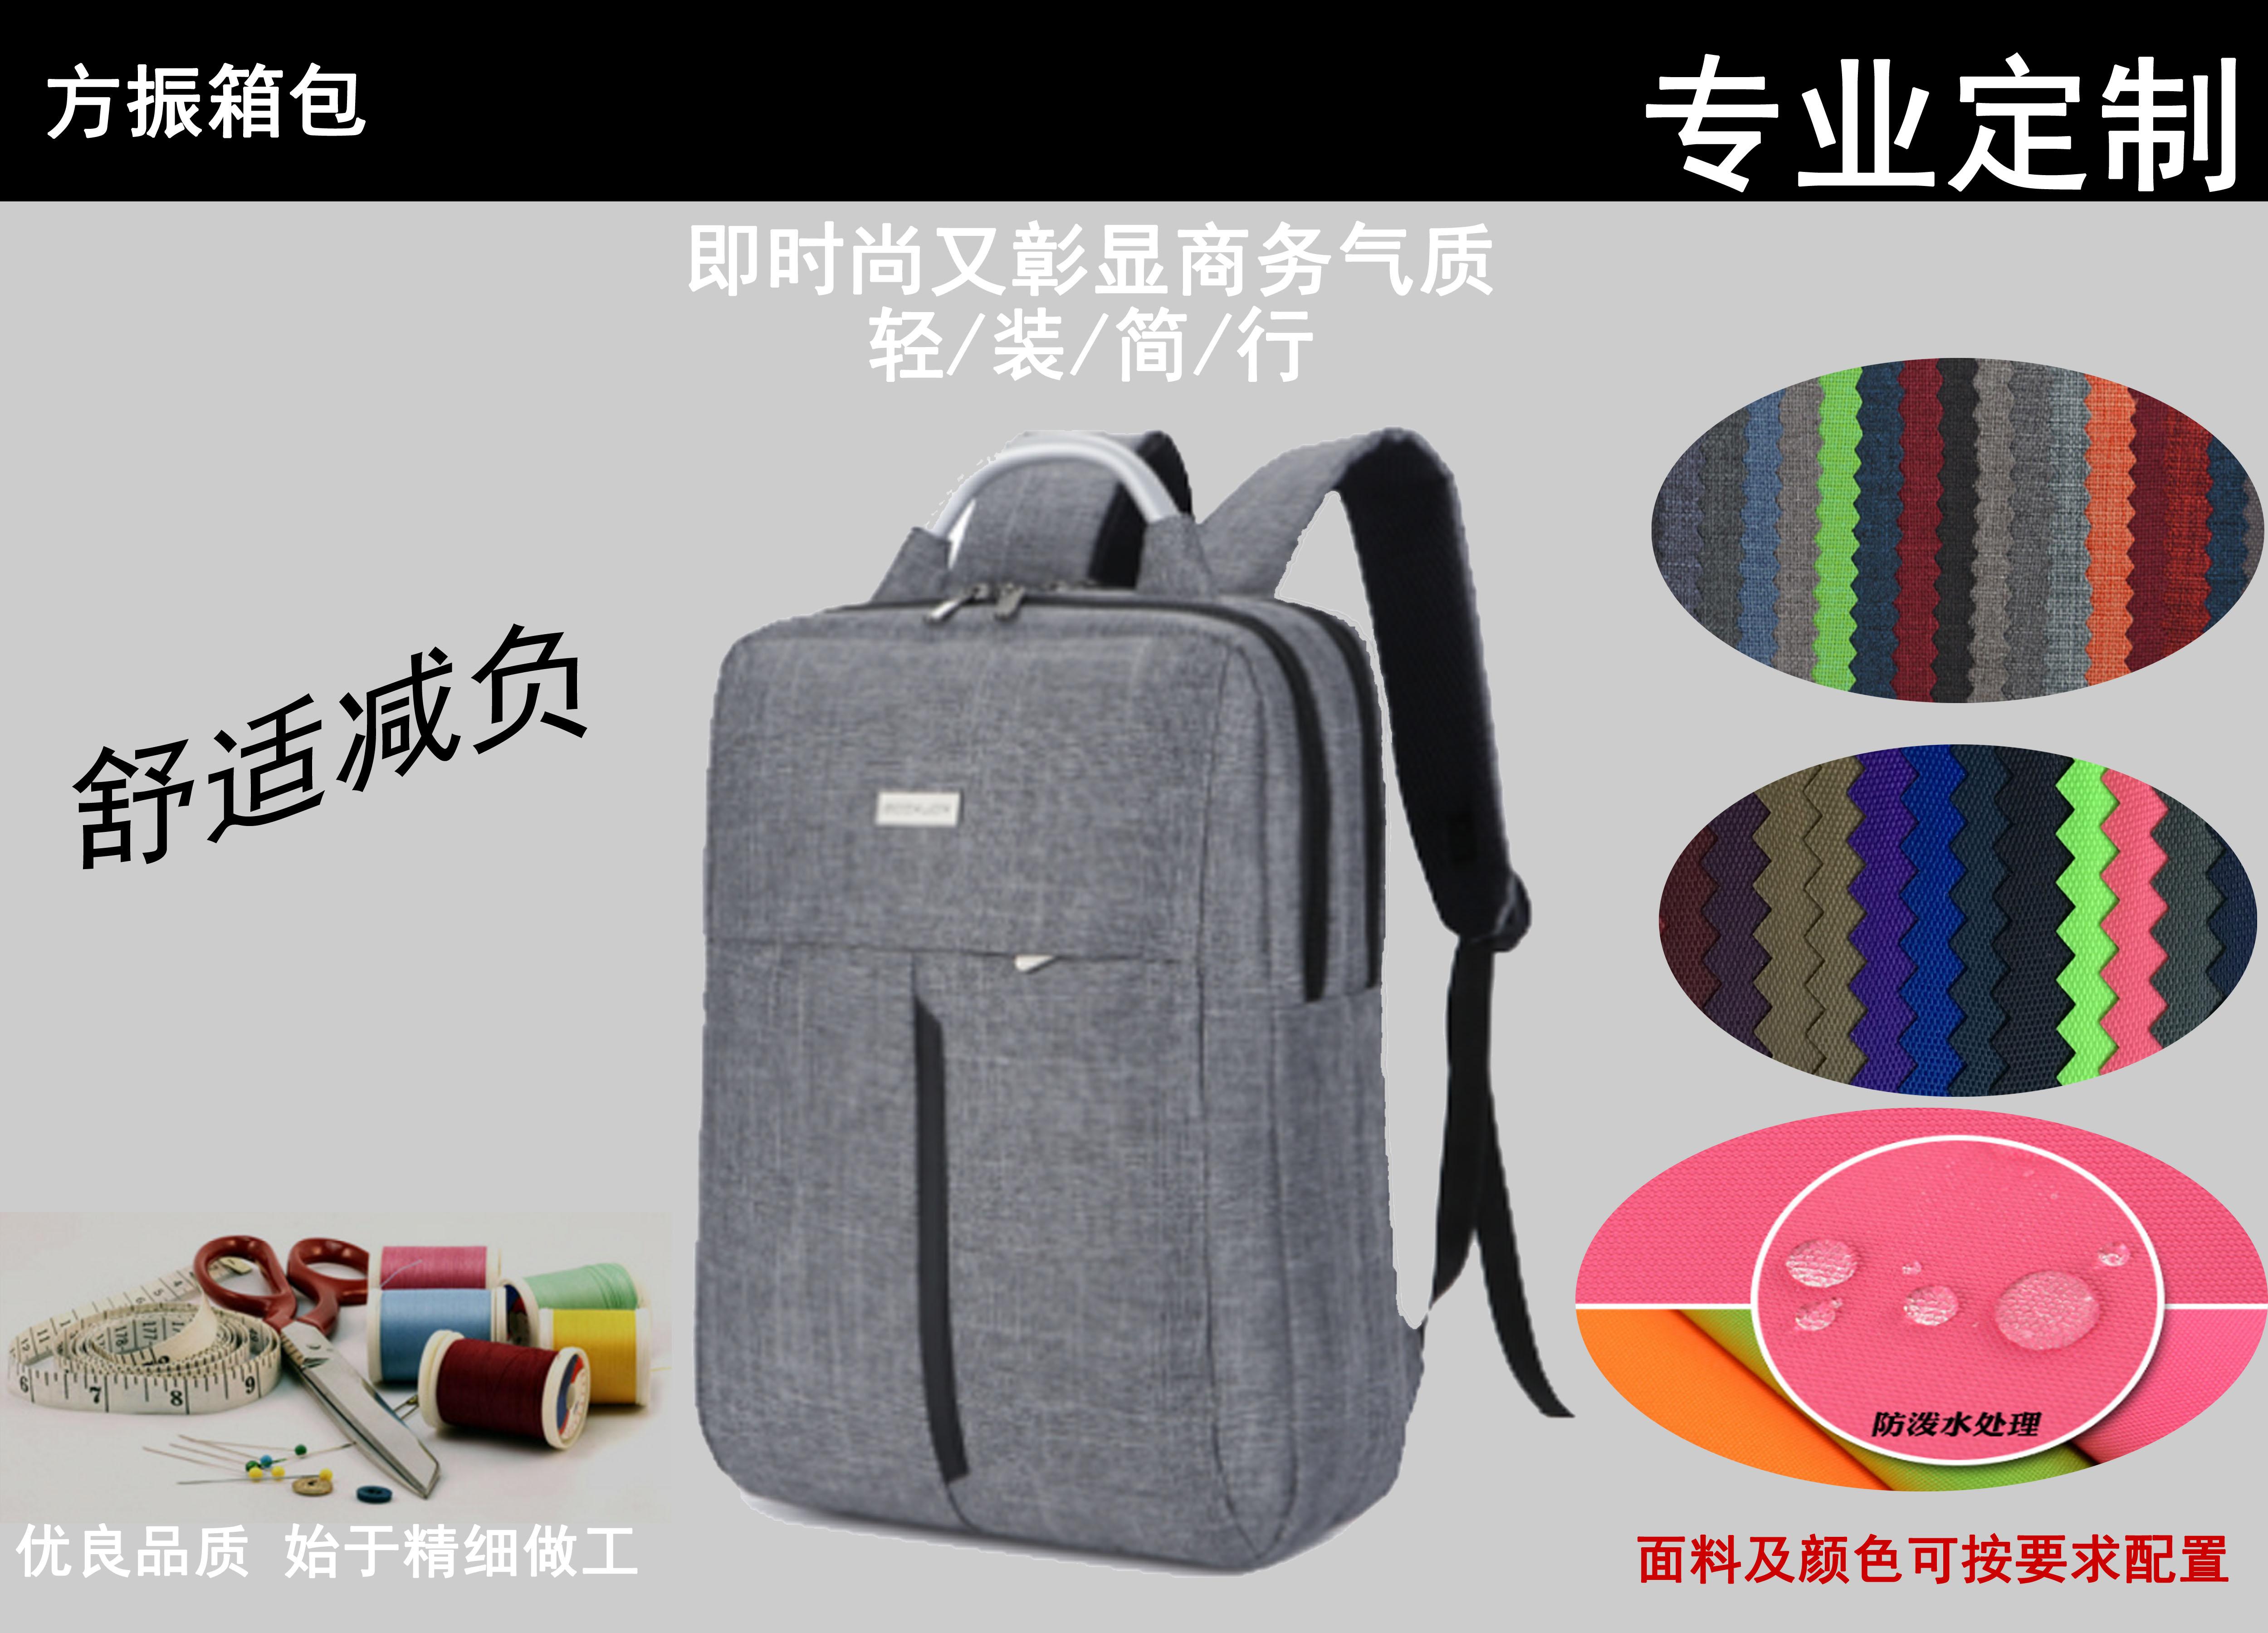 fzx170016C背包正面-1.jpg